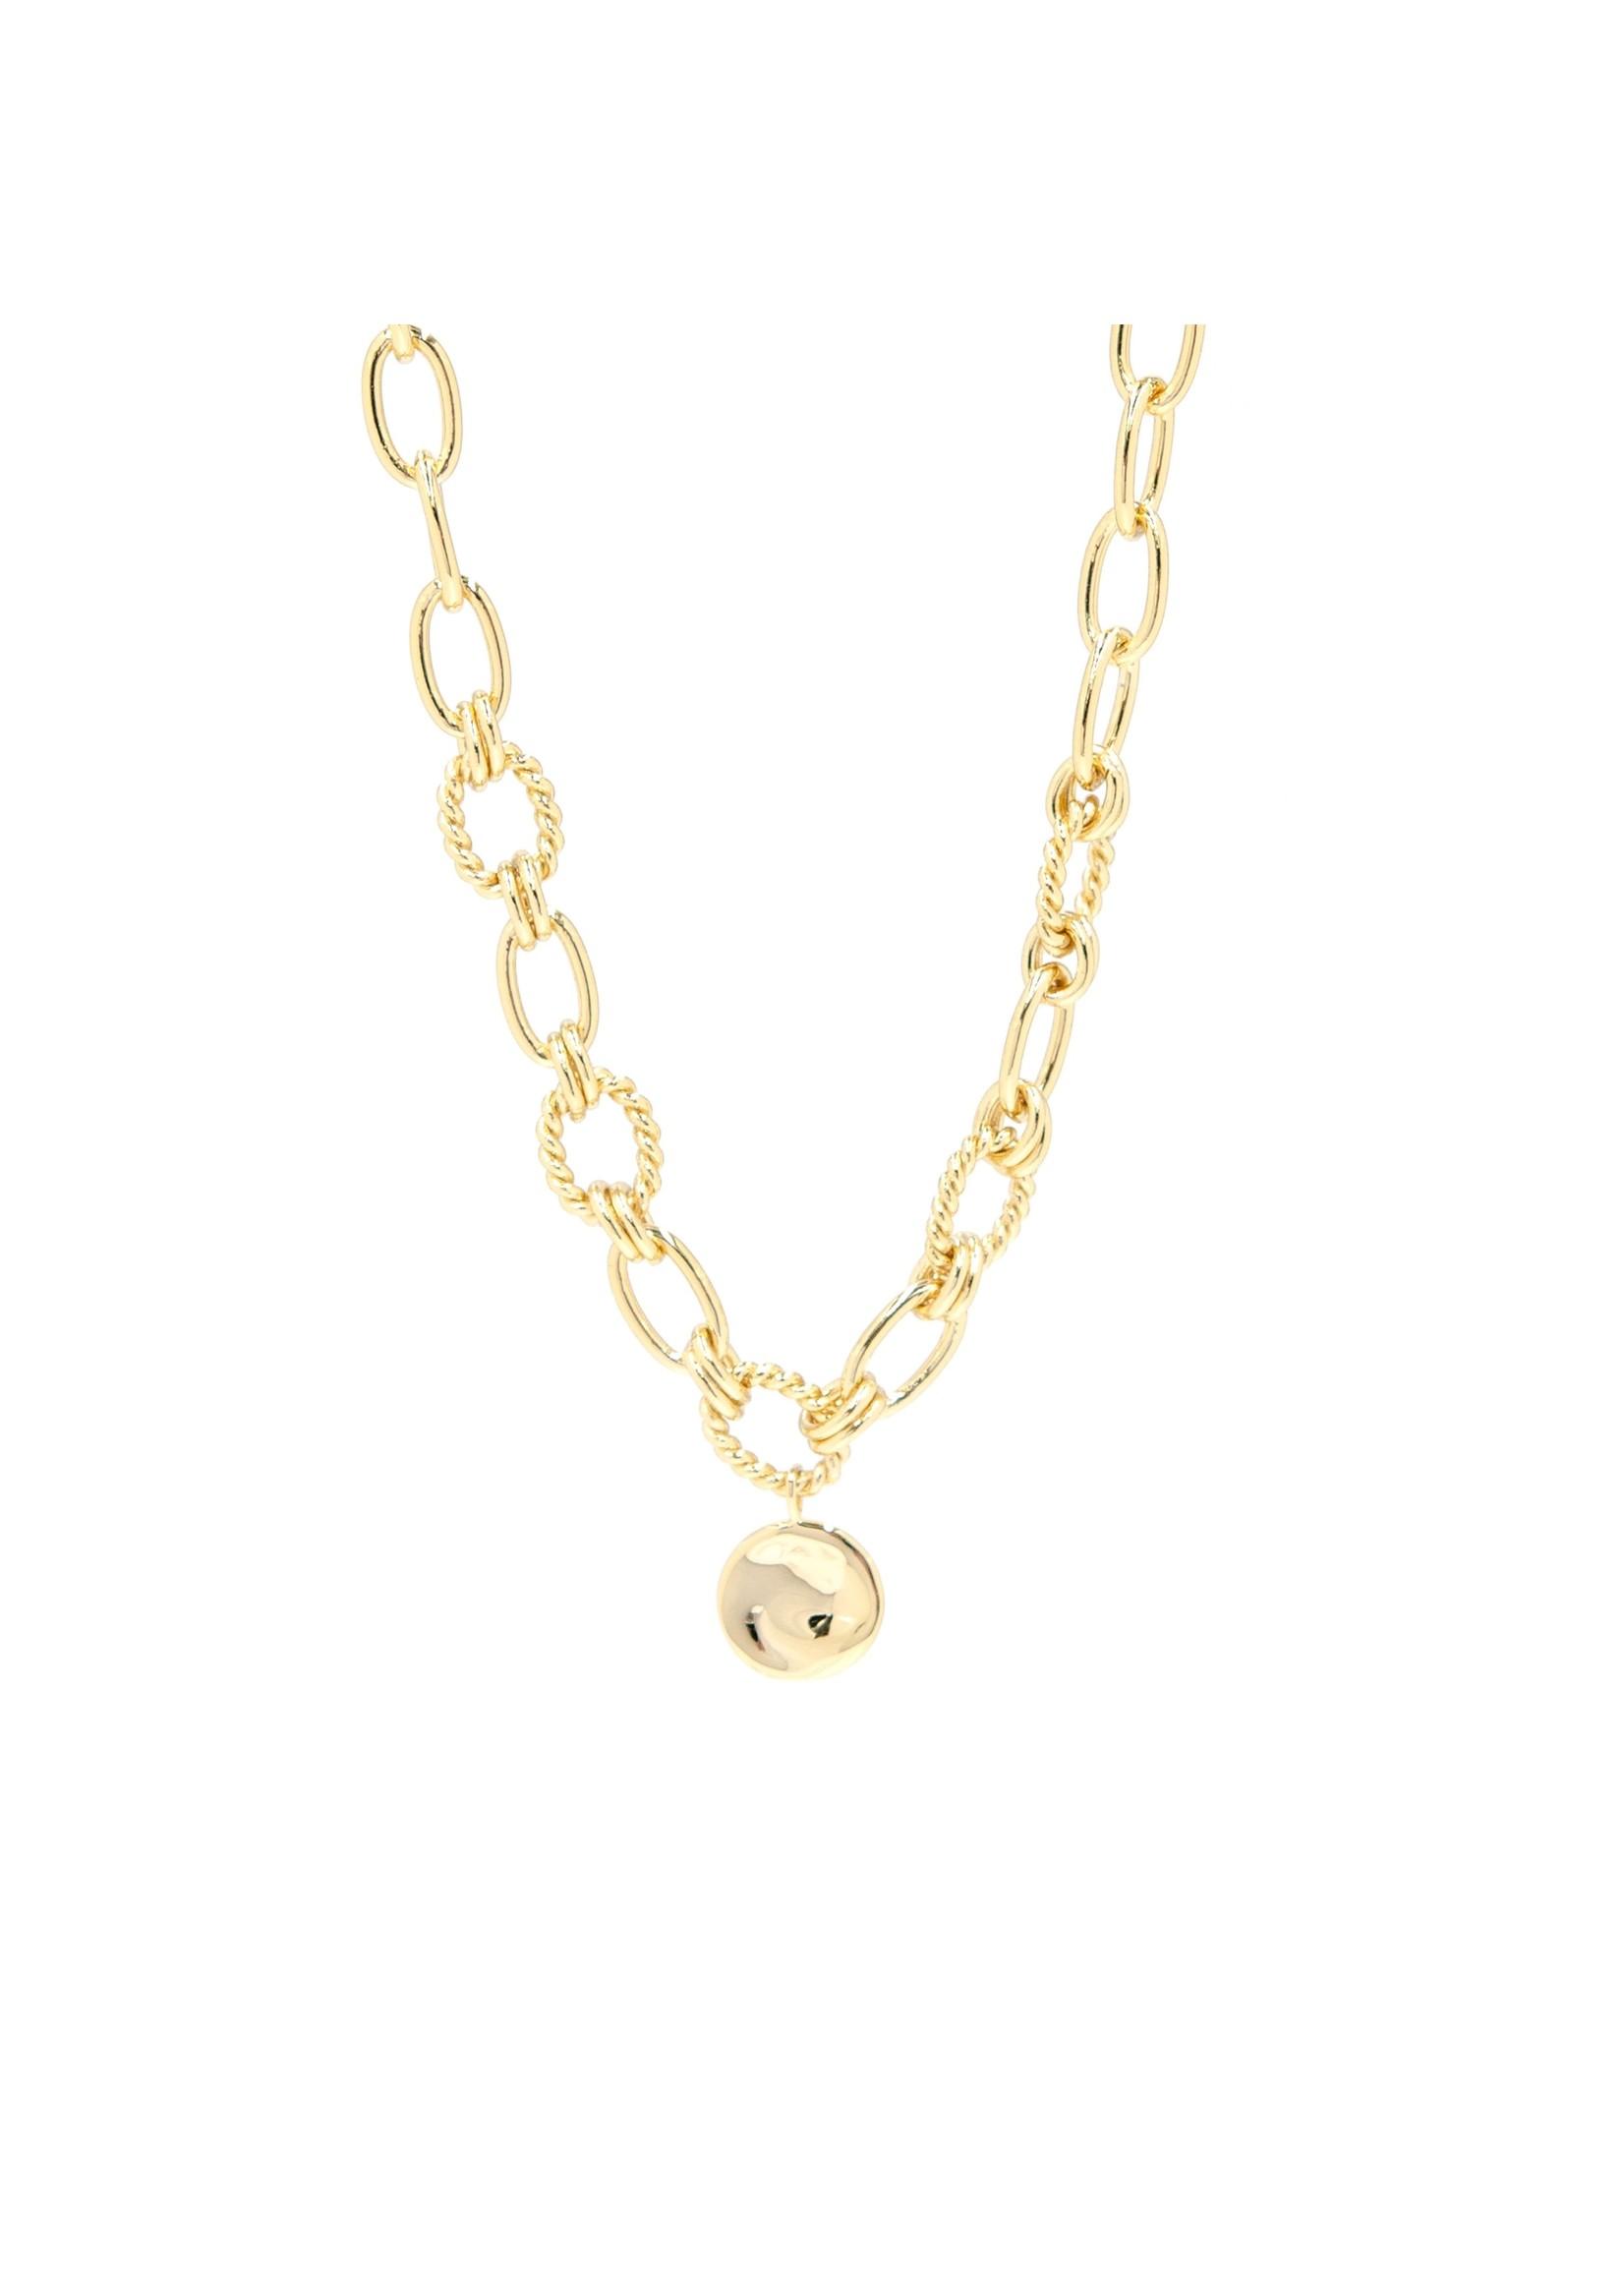 Eliasz and Ella Vivid Gold Necklace